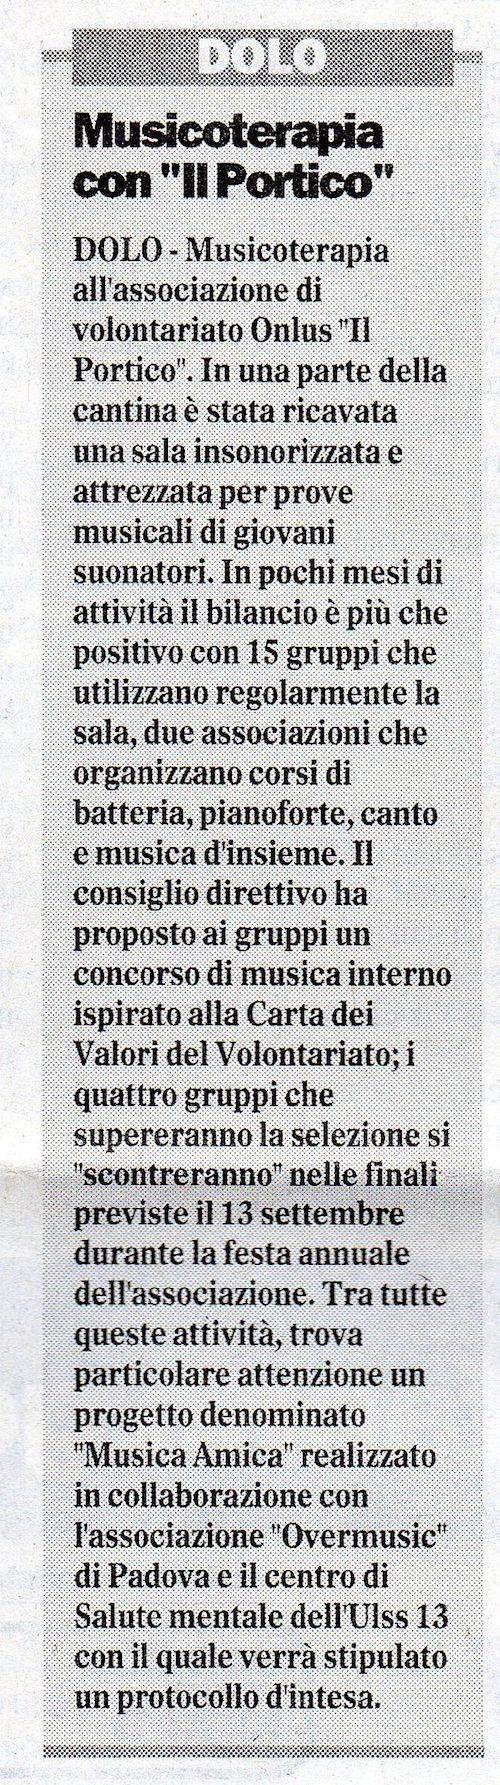 2003.06.16 Il Gazzettino di Venezia (p. 19)